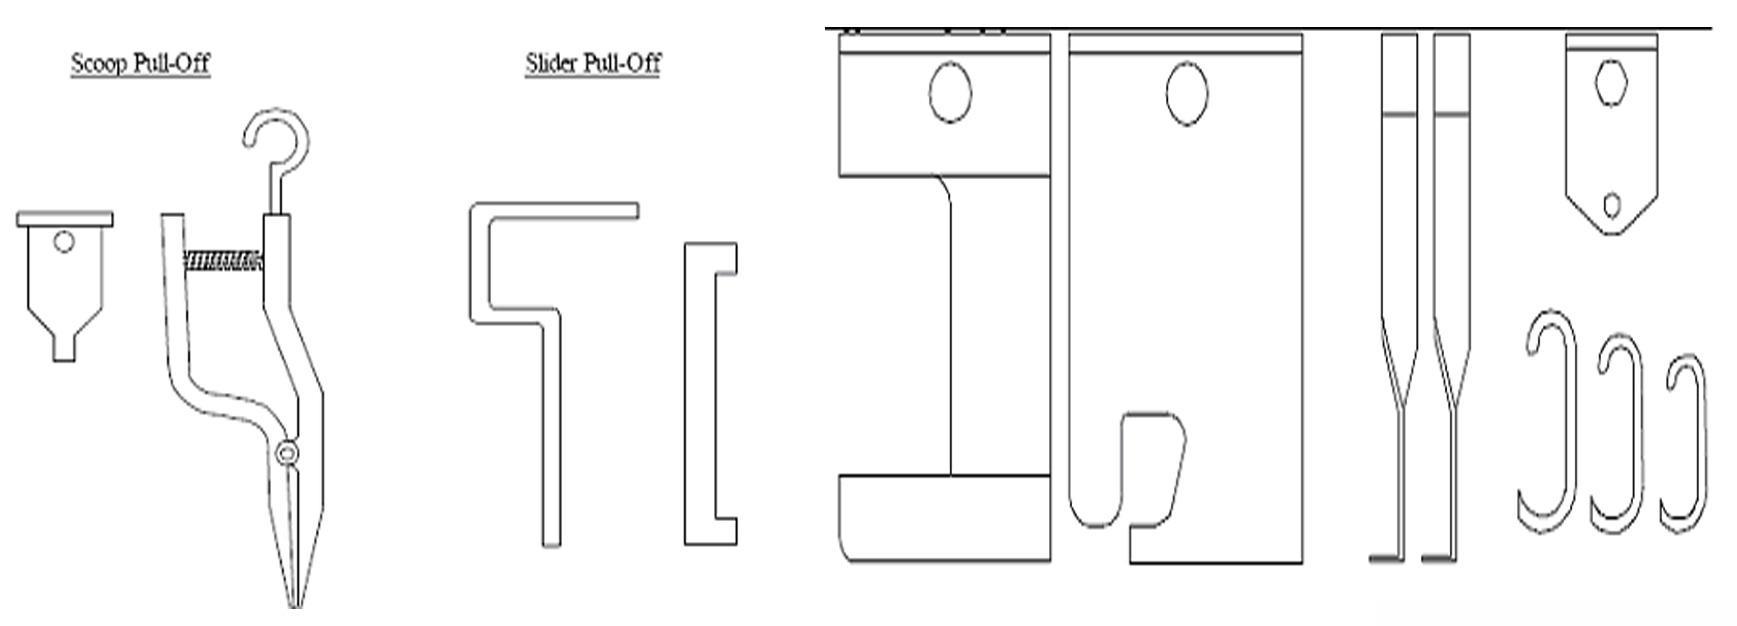 QI-S-080 拉链测试夹具